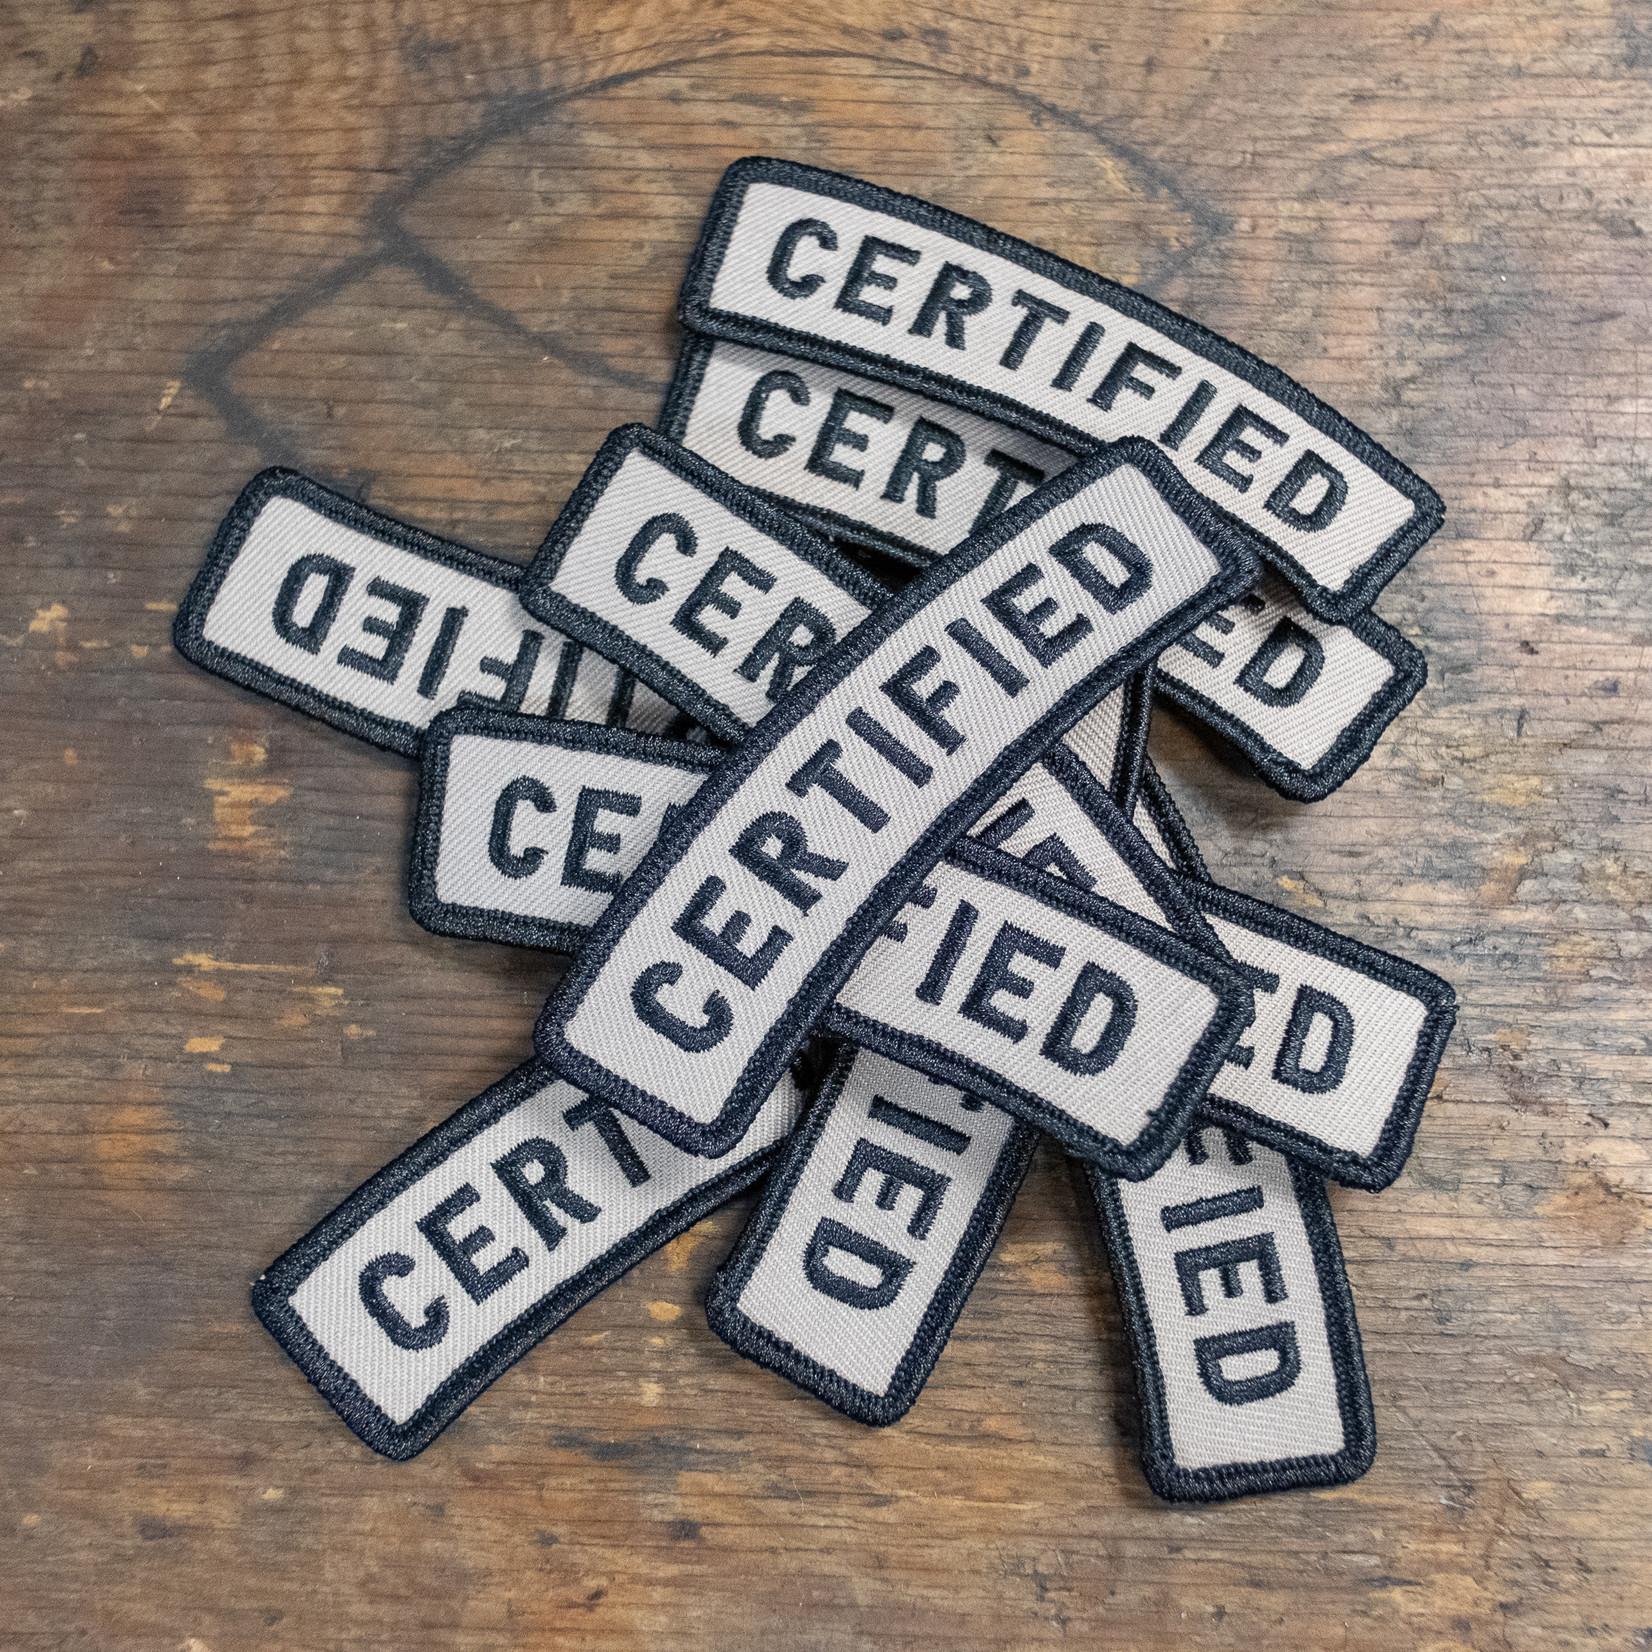 Ultradynamico Ultradynamico 'Certified' Patch